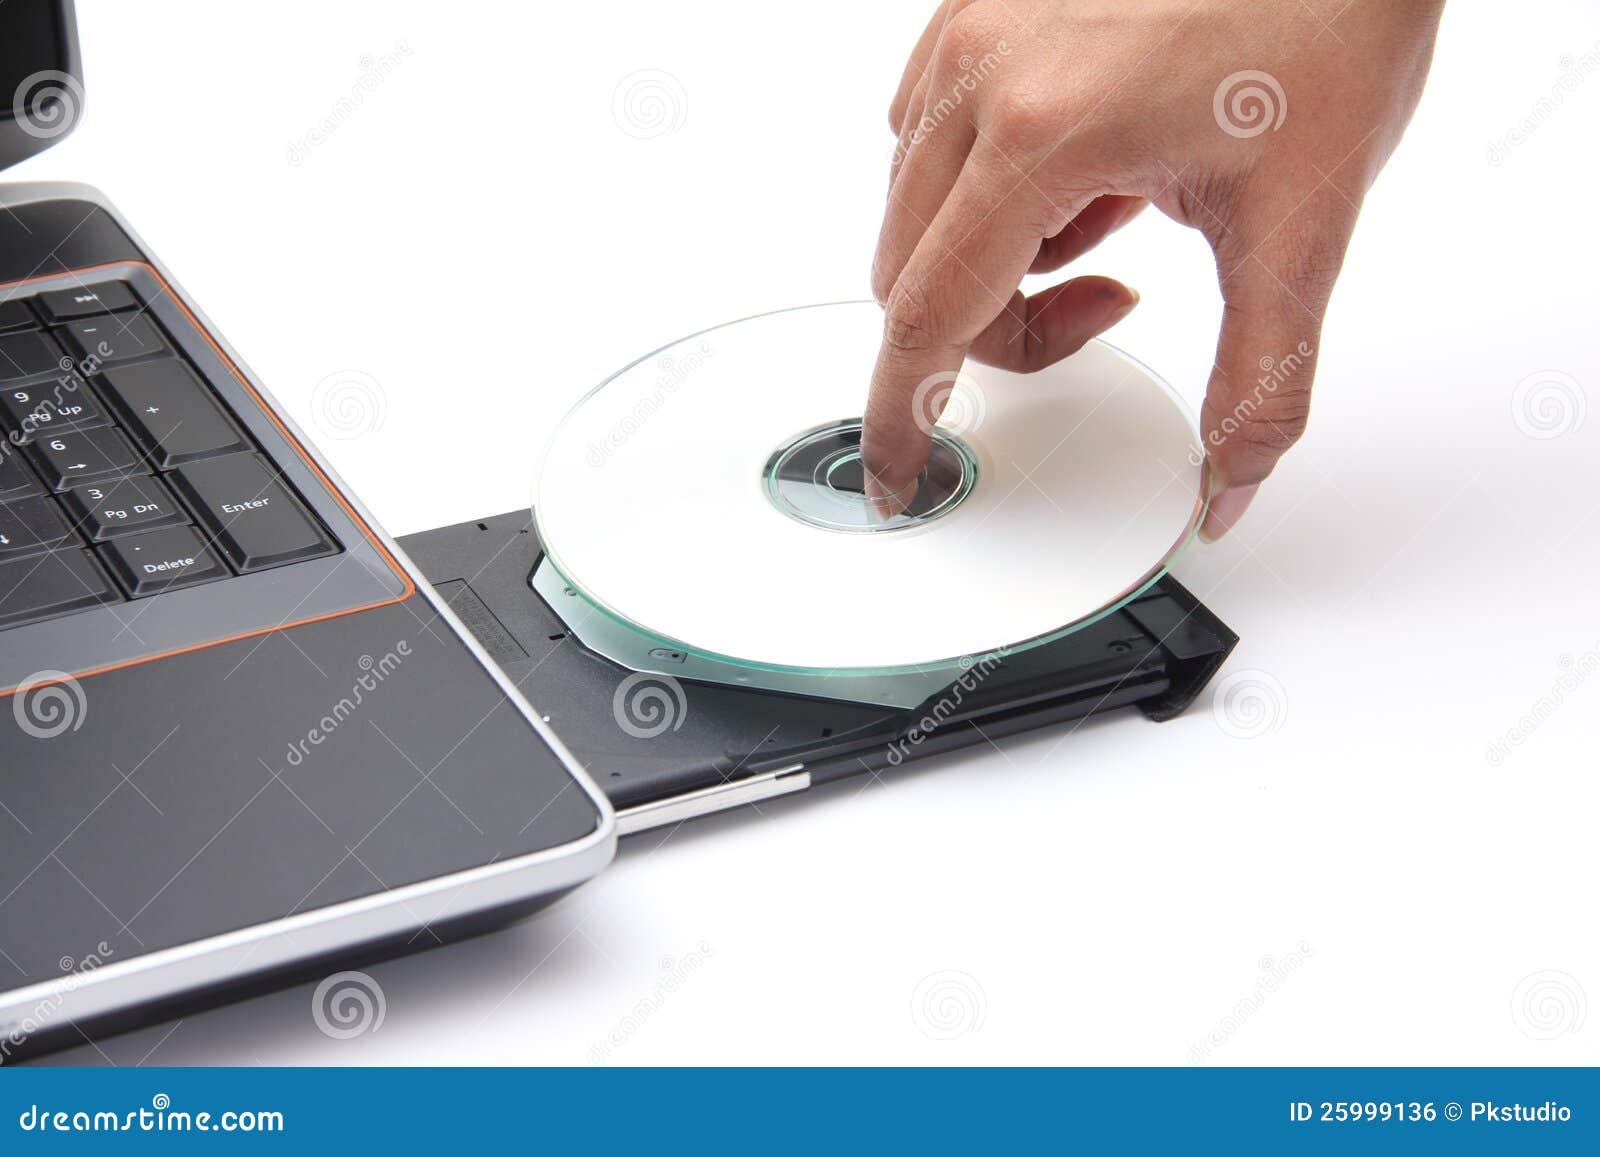 lector de cd rom en: